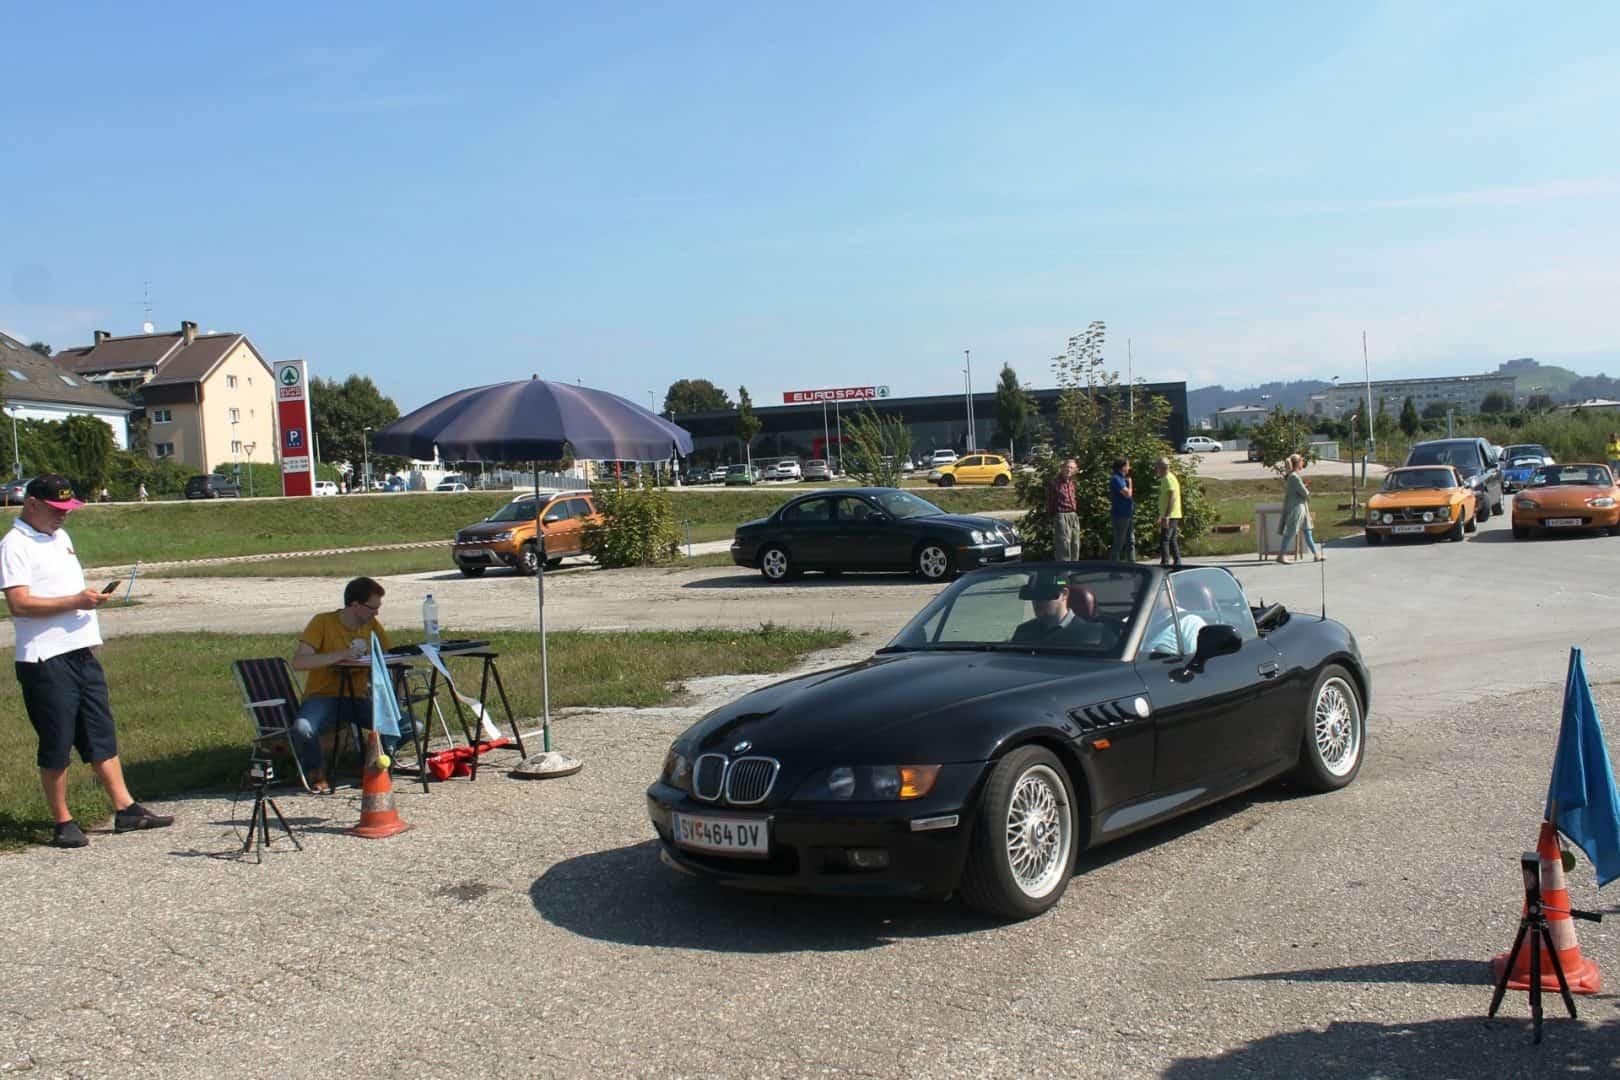 Ausflug des CAR Teams Ferlach am 12. September 2020 mit Gleichmäßigkeitsprüfung anstelle des abgesagten sms-Classic-Sprints - Wagner Peter, BMW Z3